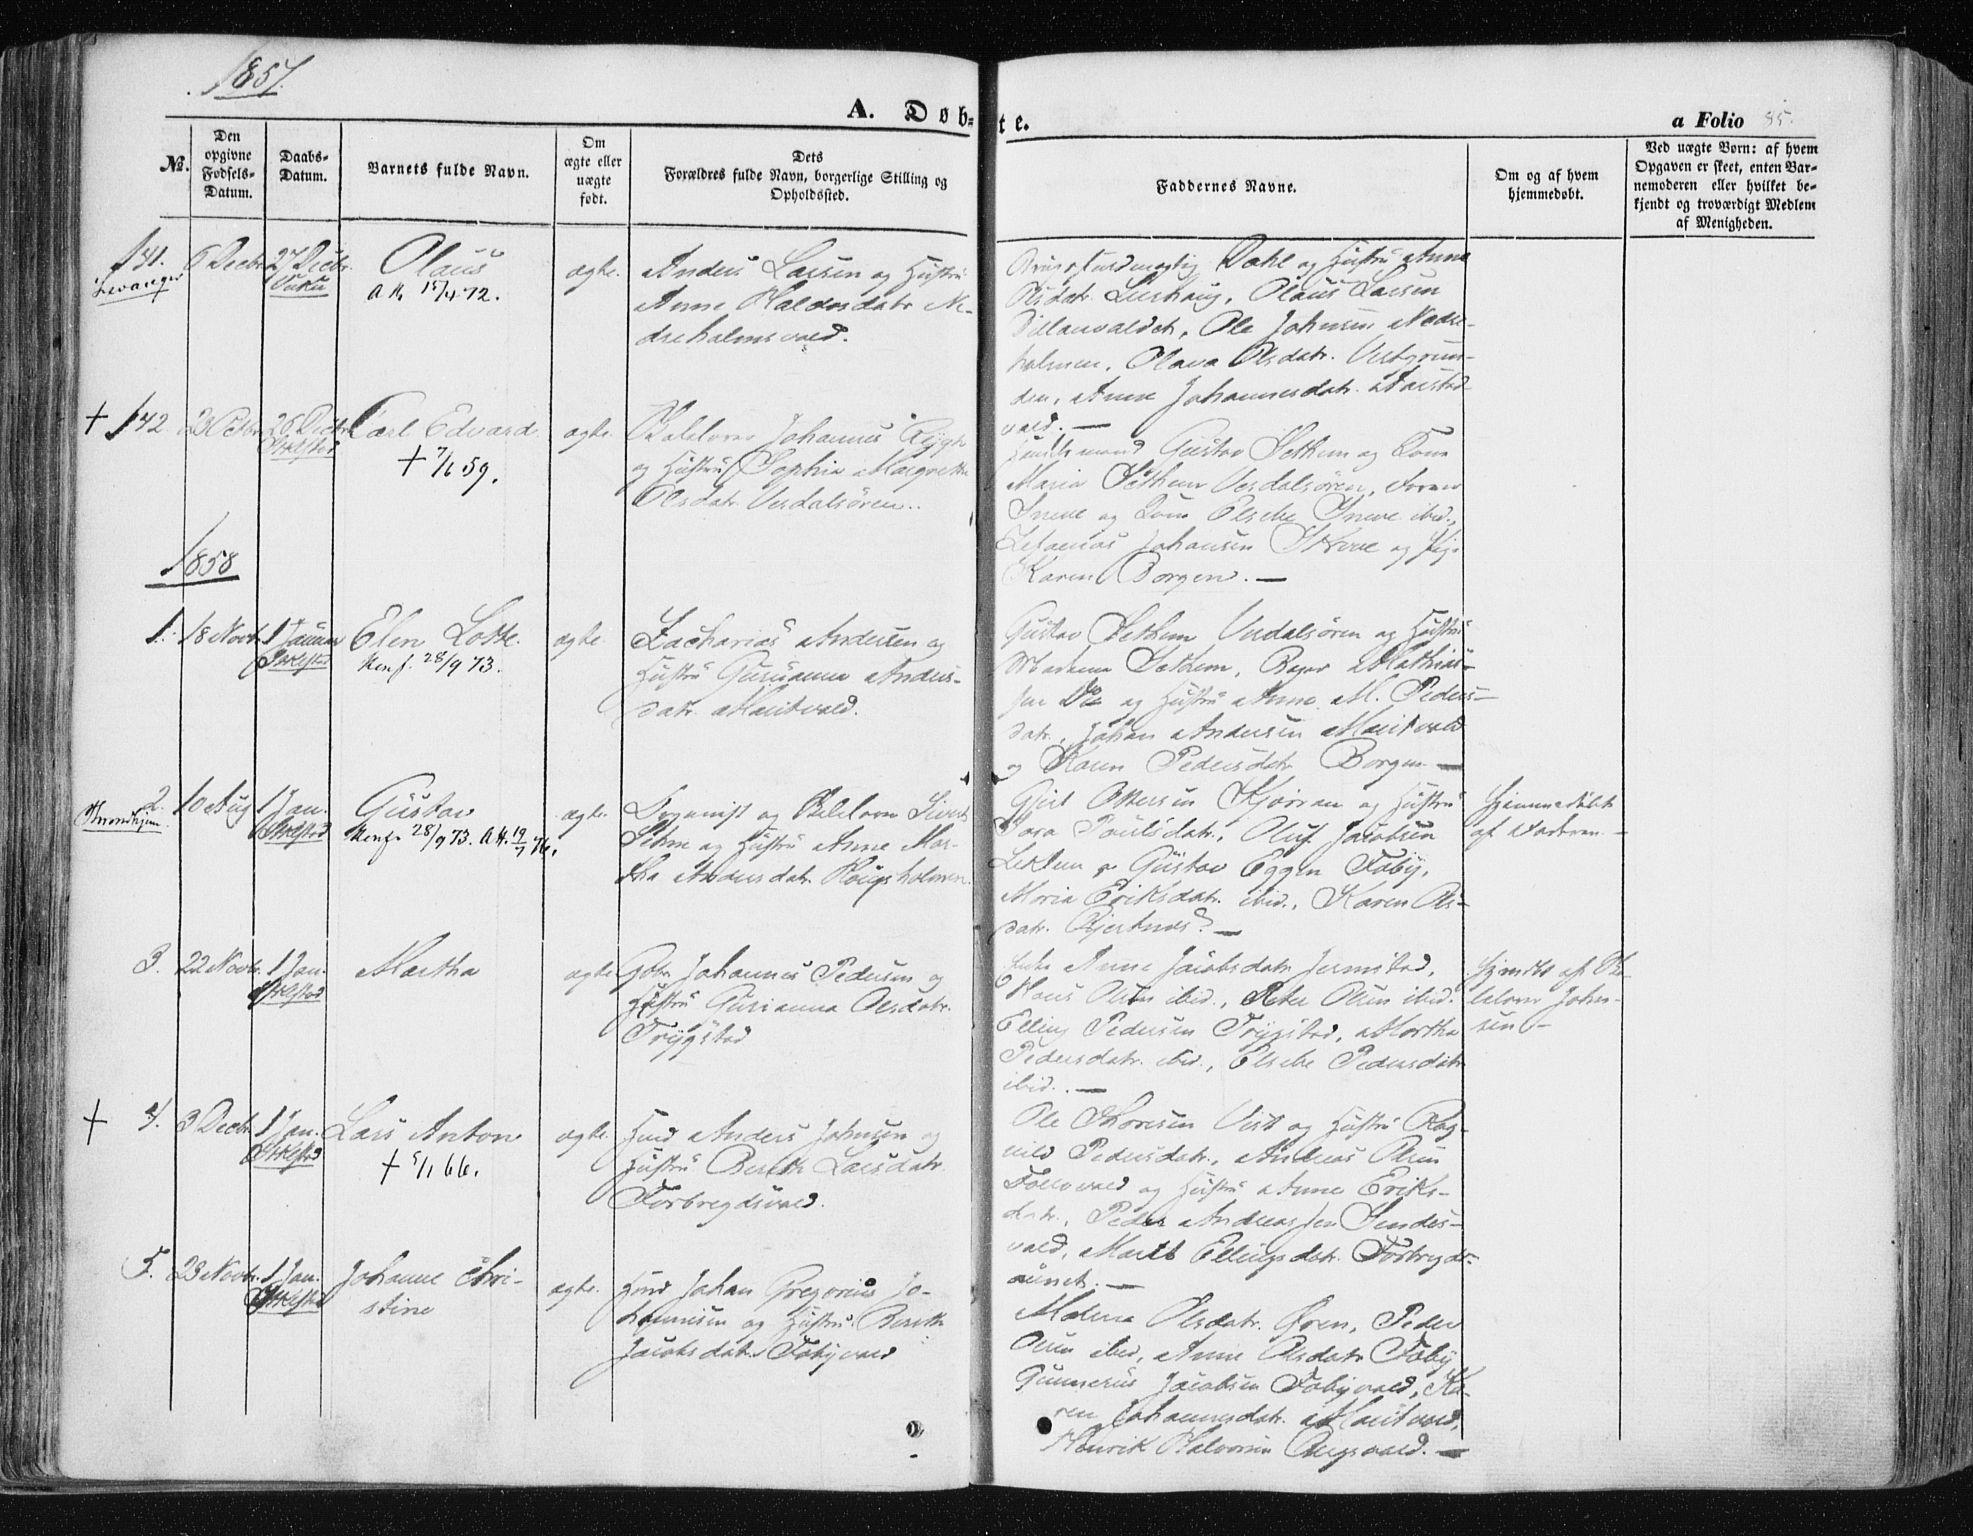 SAT, Ministerialprotokoller, klokkerbøker og fødselsregistre - Nord-Trøndelag, 723/L0240: Ministerialbok nr. 723A09, 1852-1860, s. 85